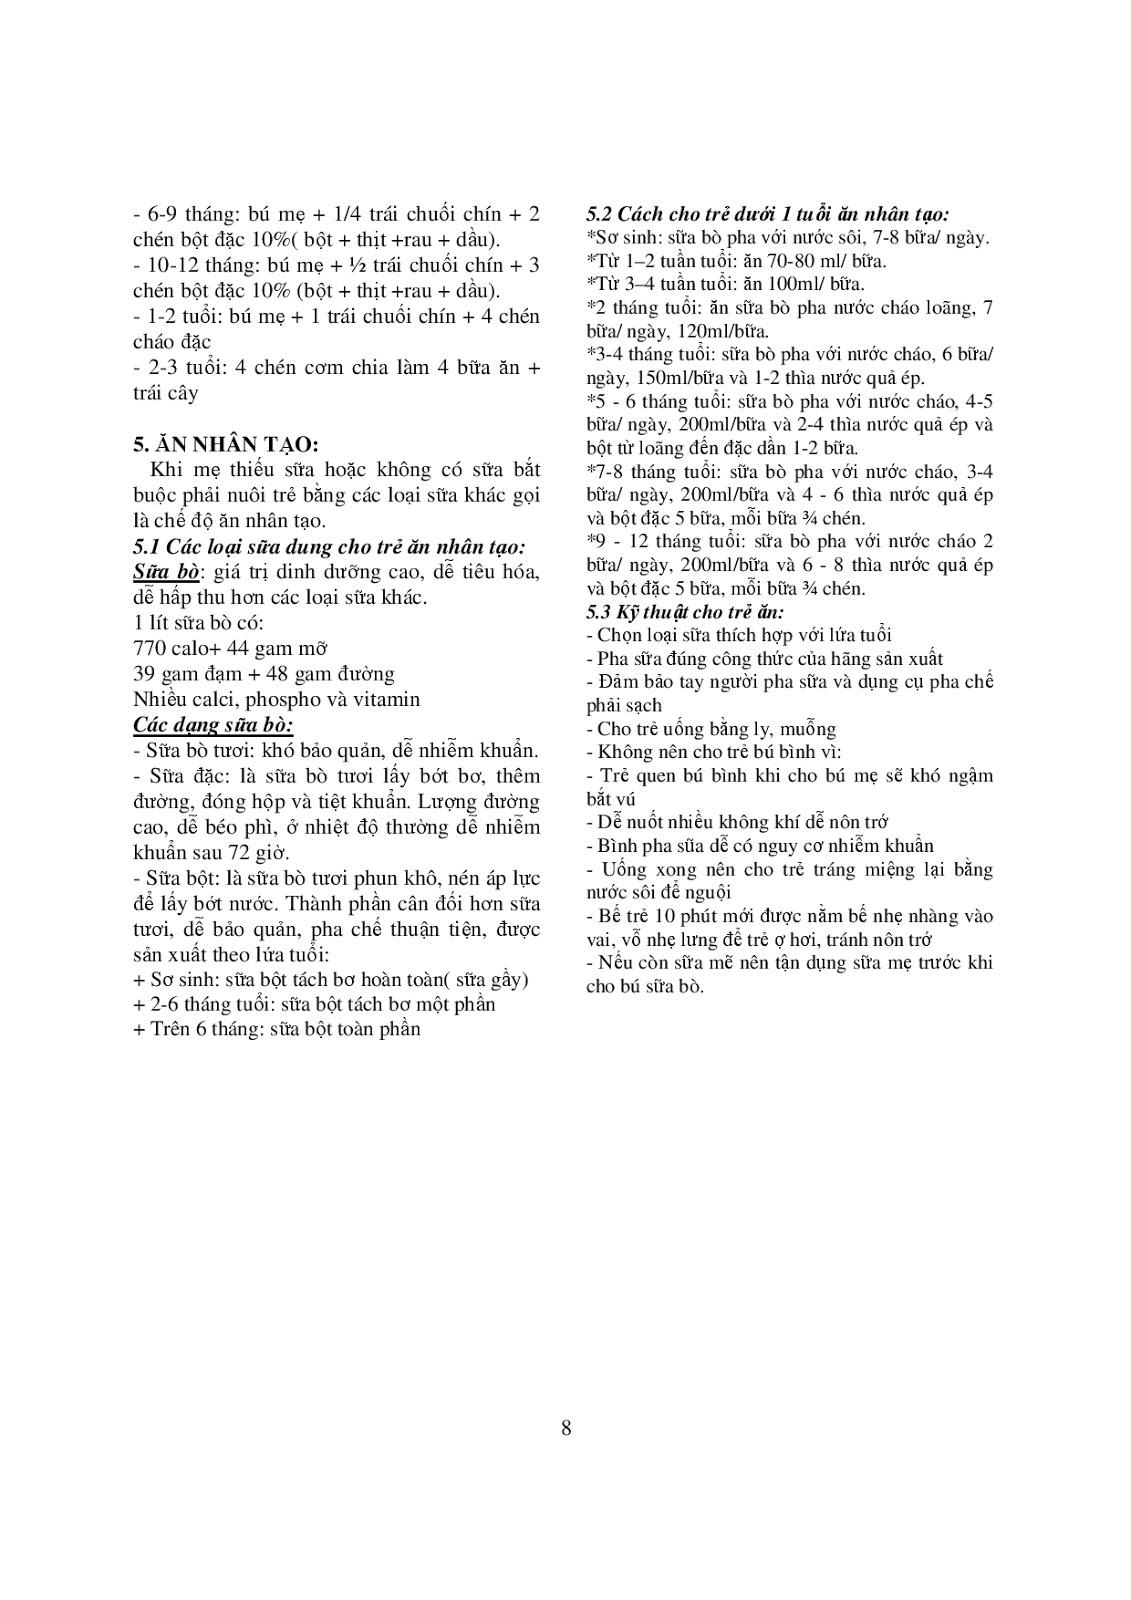 Trang 8 sach Bài giảng Nhi khoa - ĐH Y khoa Phạm Ngọc Thạch